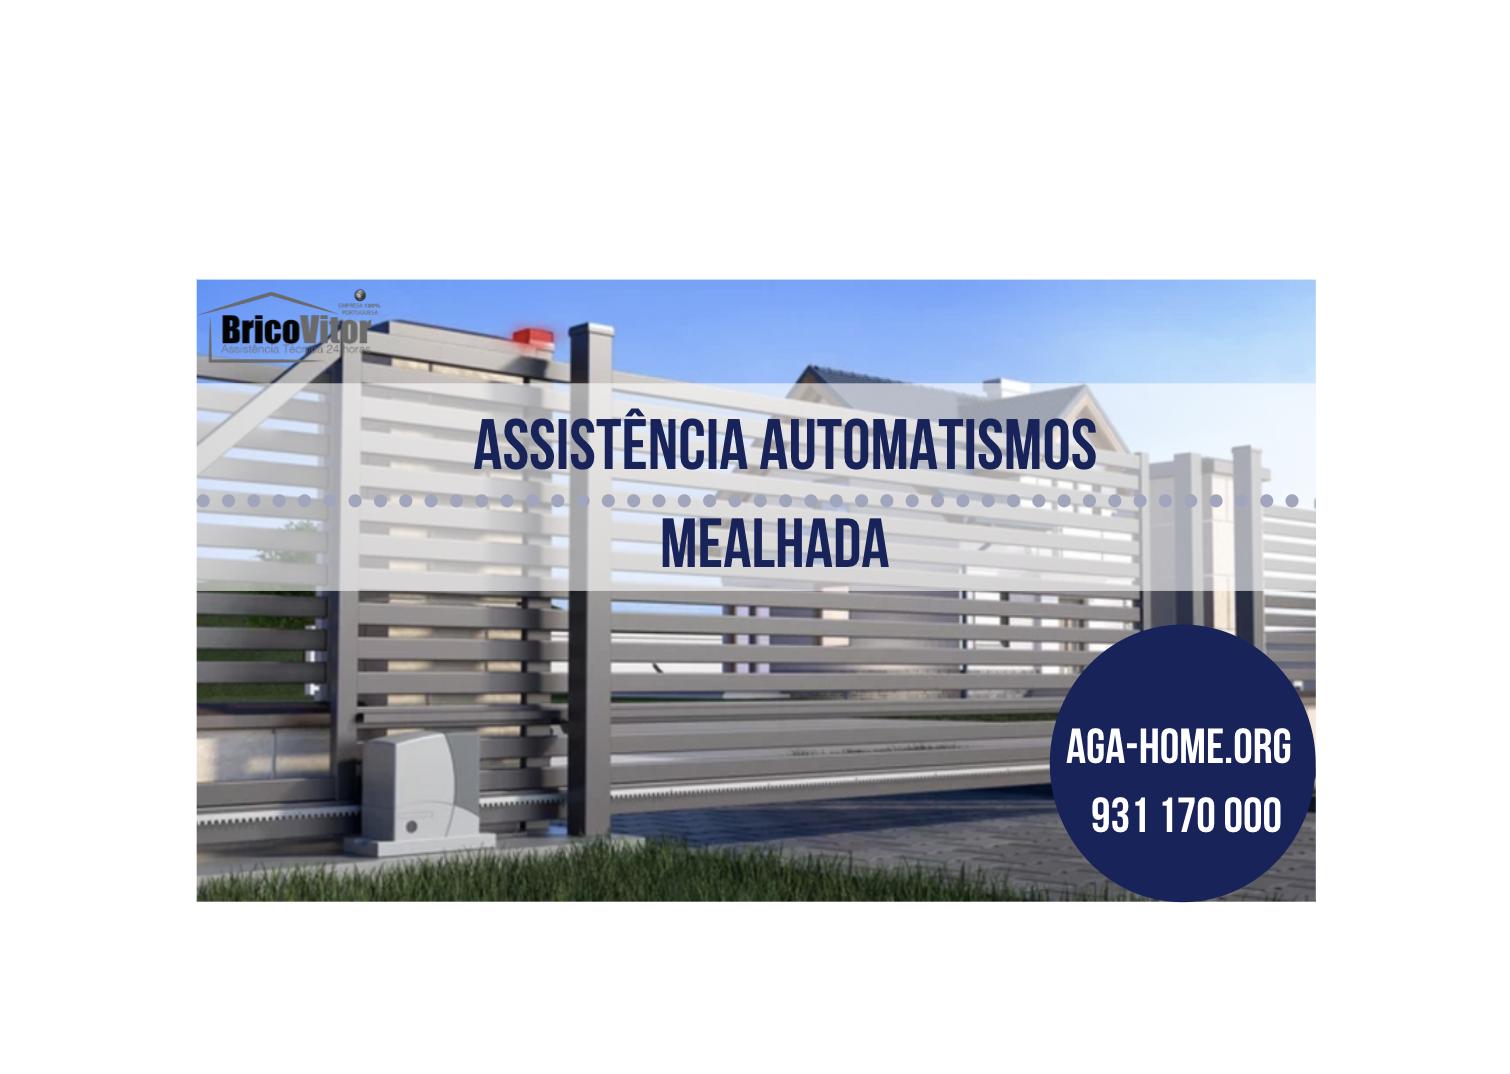 Assistência Automatismos Mealhada